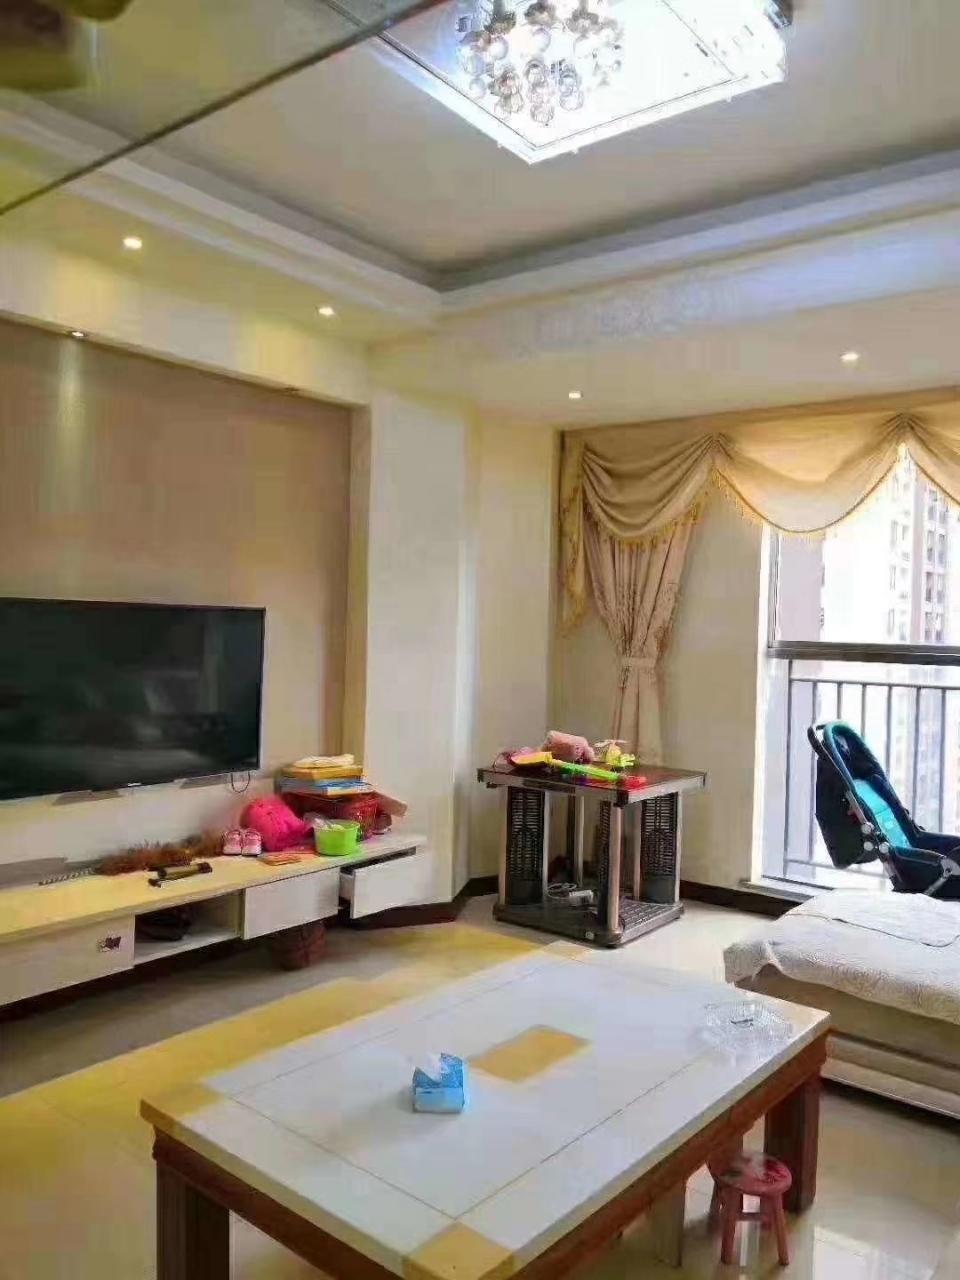 晋鹏·山台山3室 2厅 1卫55.80万元